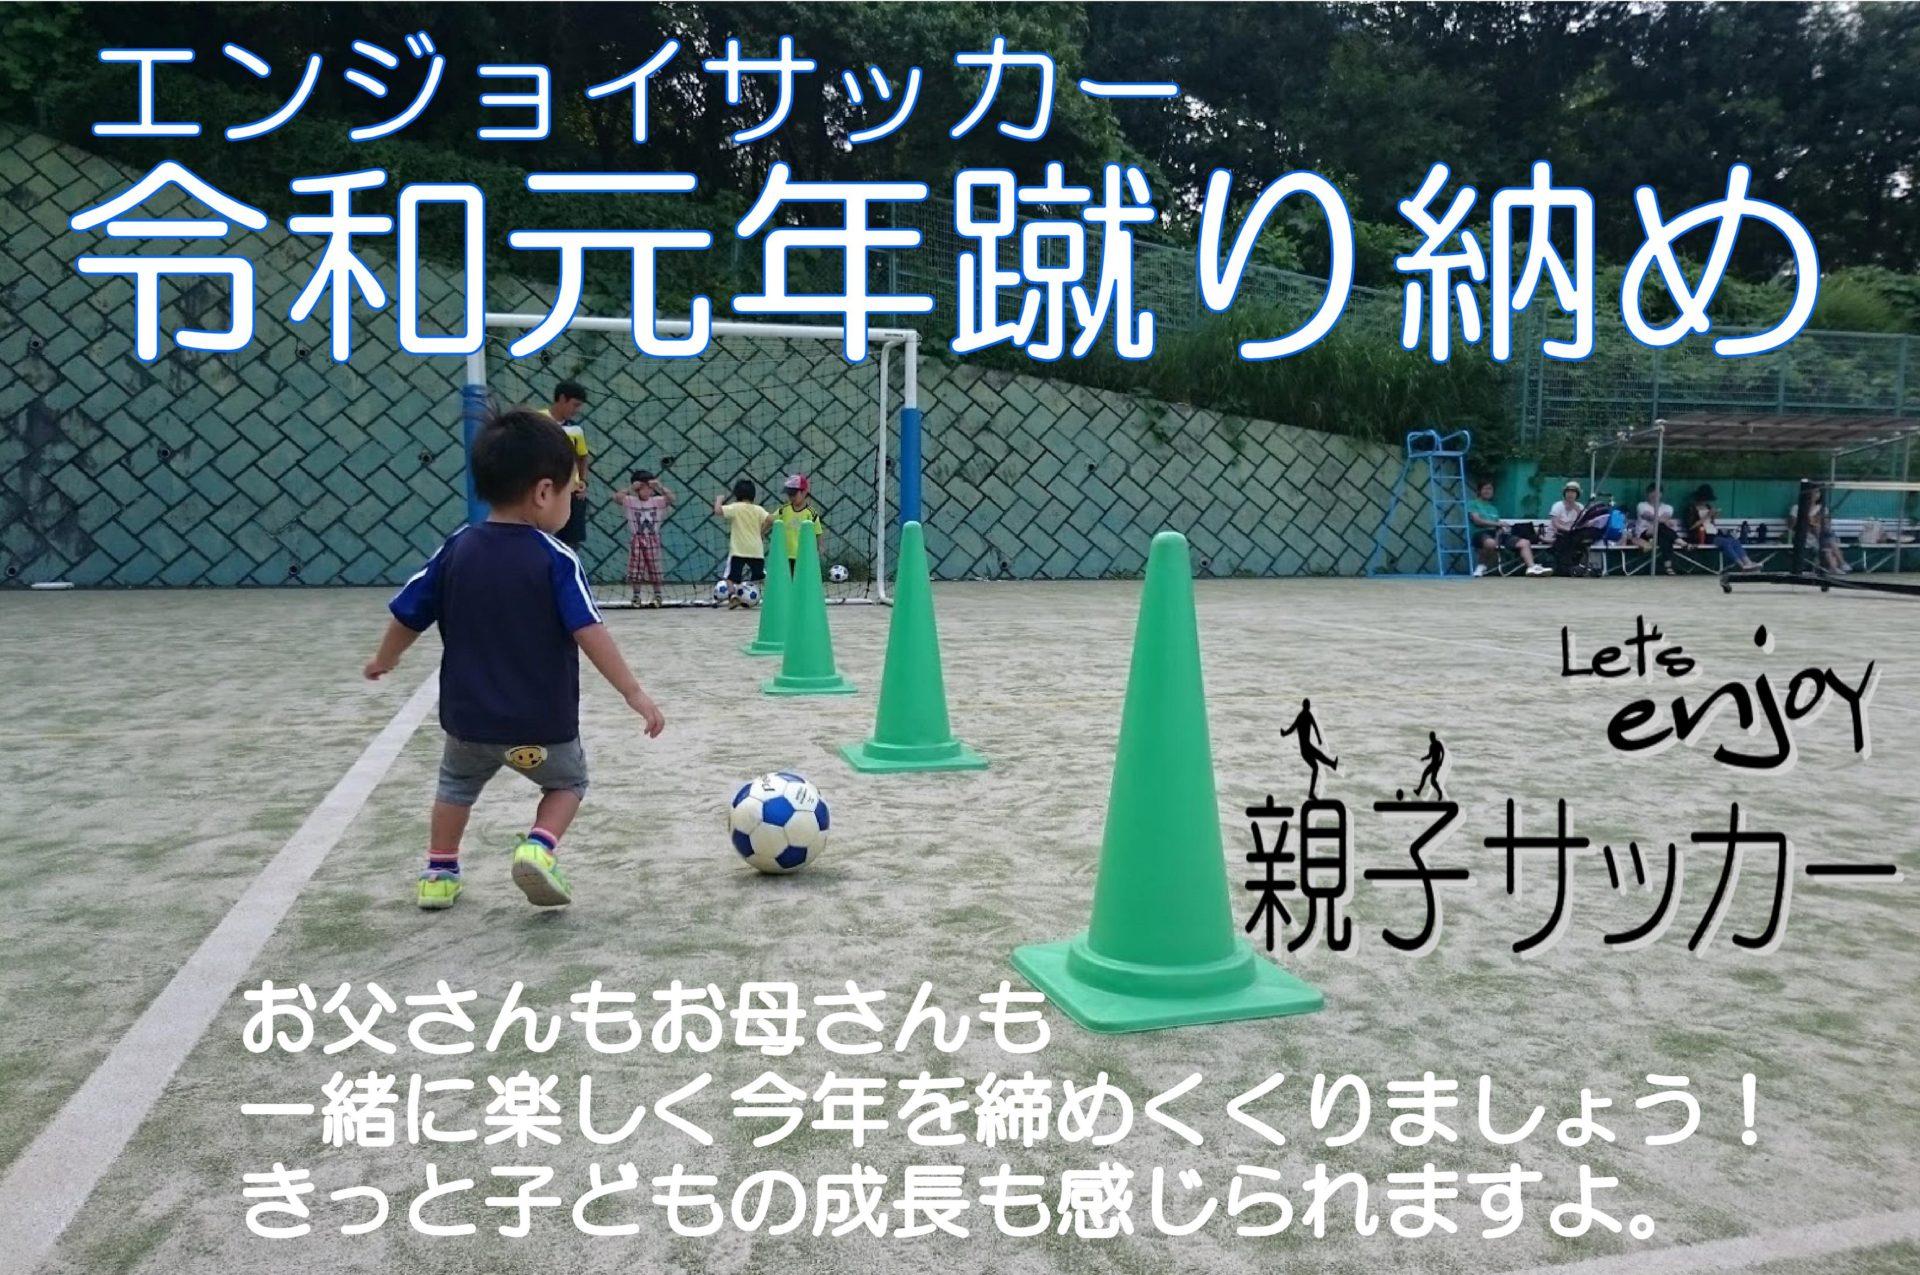 エンジョイサッカーも親子サッカーやります!!